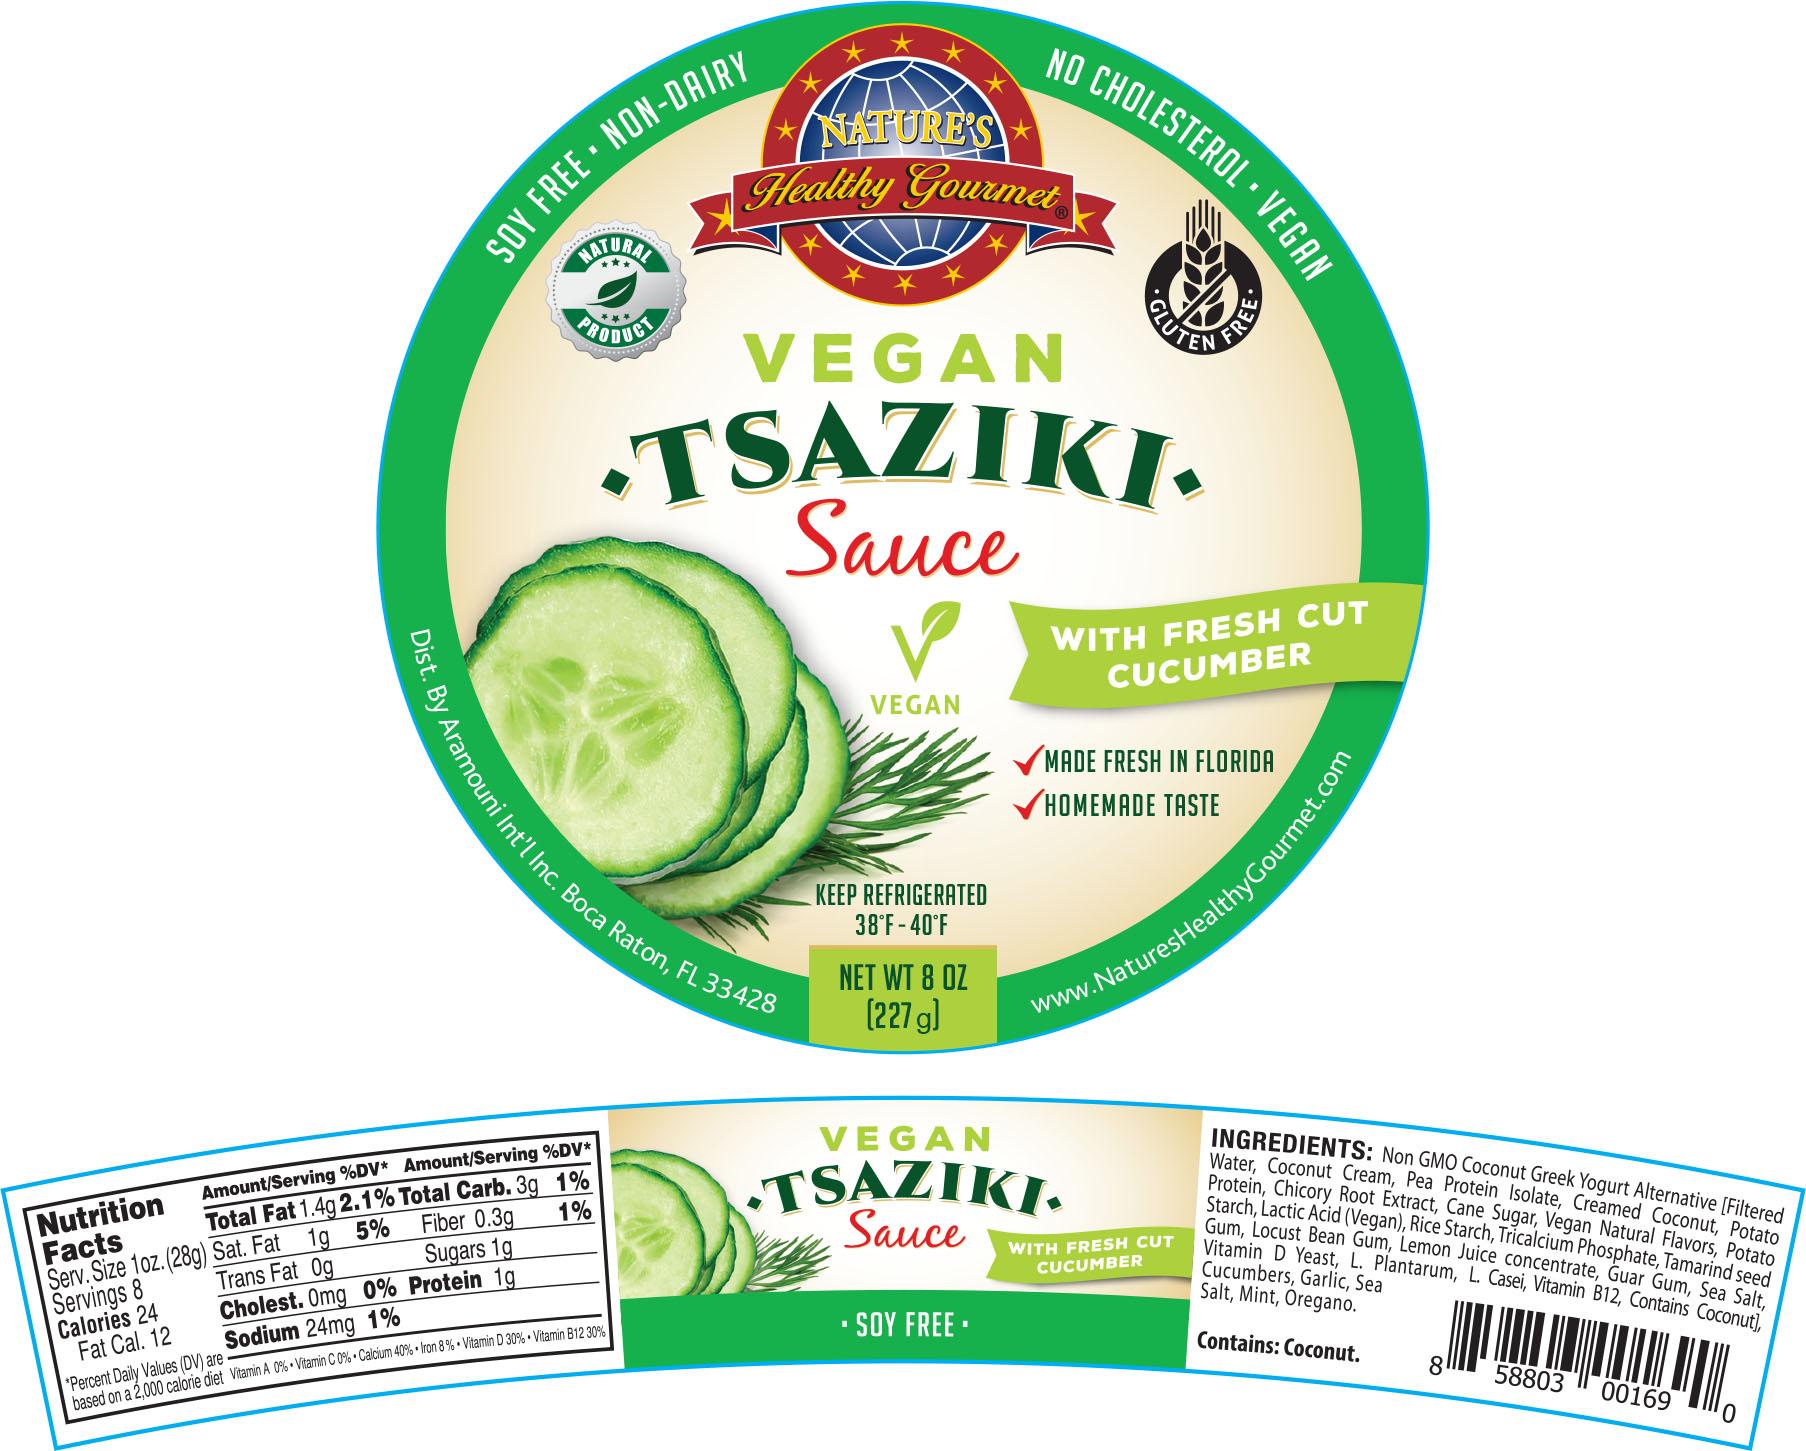 Nature's Vegan Tsaziki Sauce